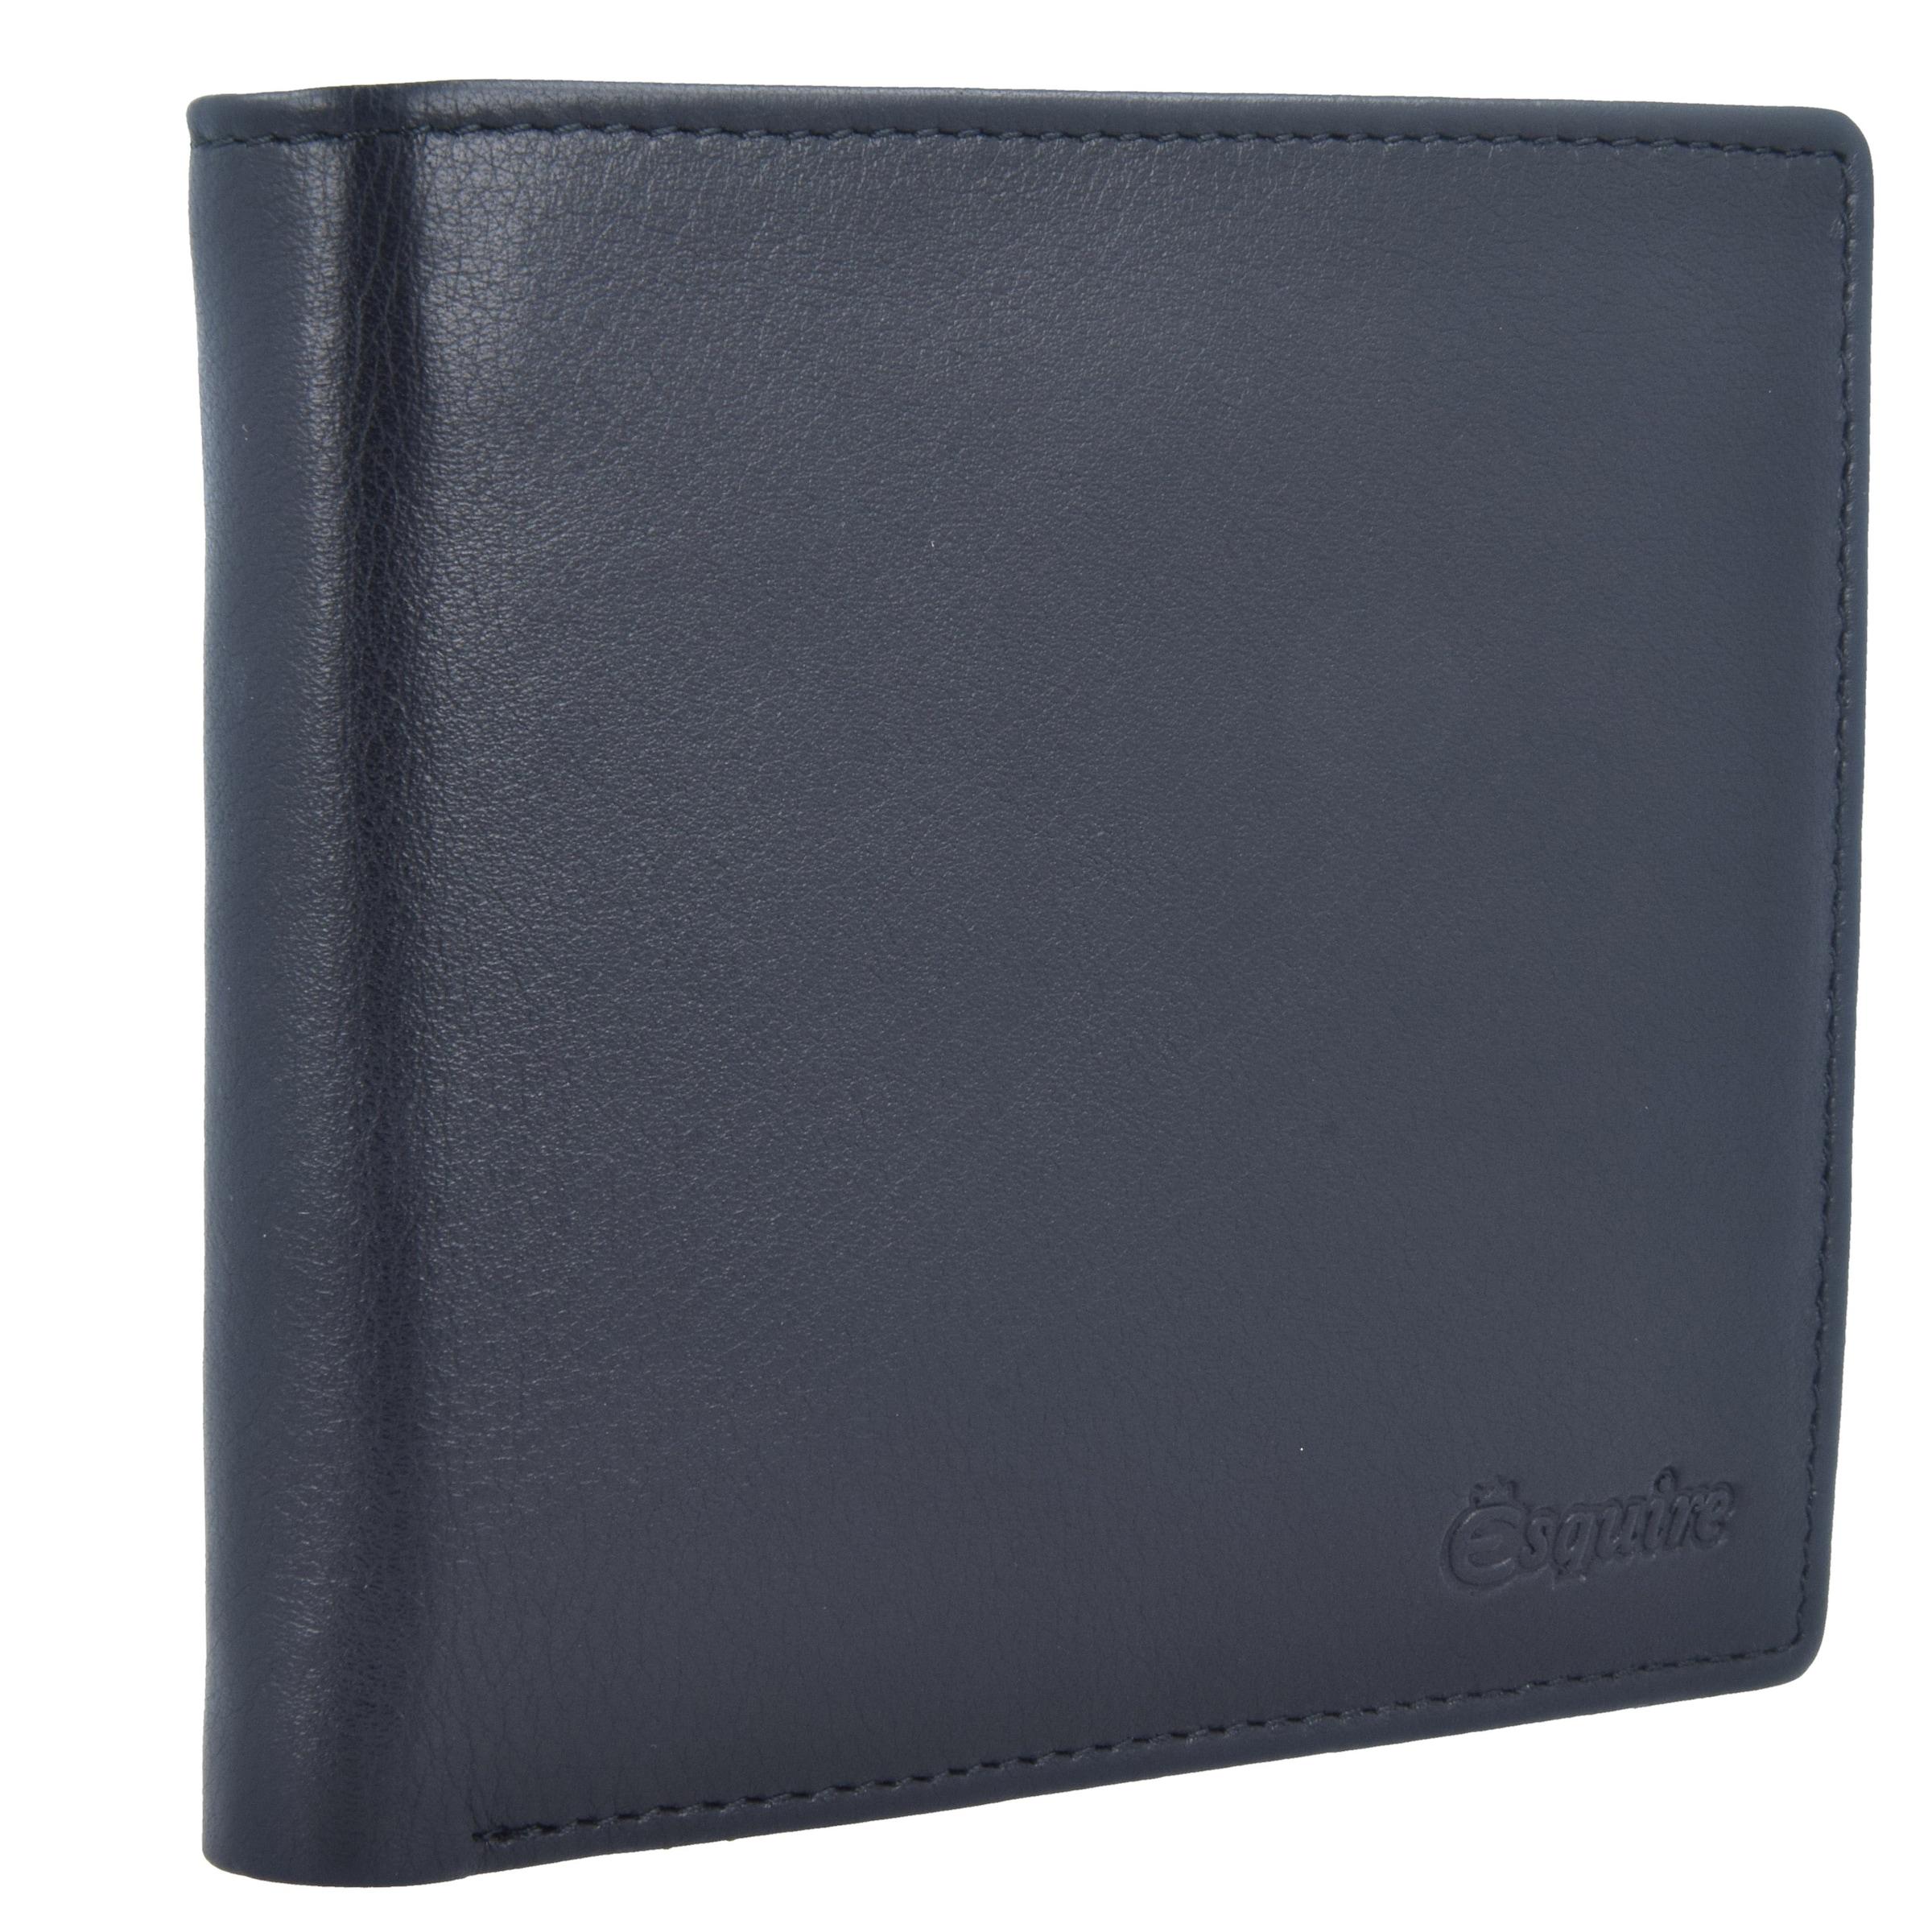 Esquire Porte En Esquire monnaies Porte monnaies En Noir CoWdxerB